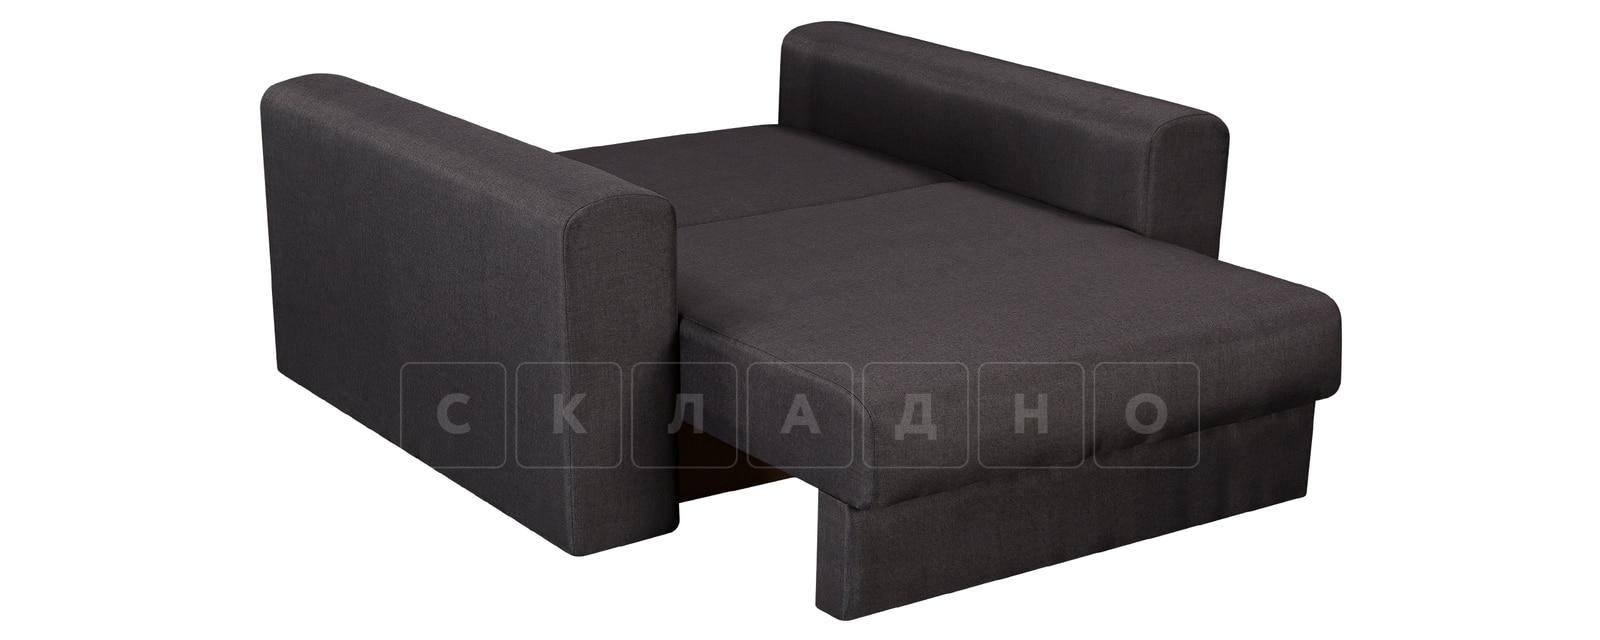 Кресло Медисон 100 см темно-серого цвета фото 4 | интернет-магазин Складно